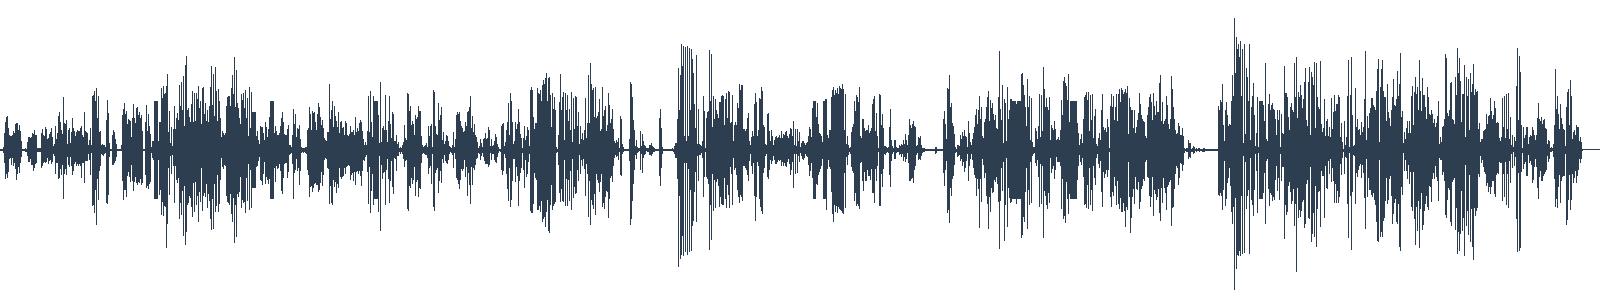 Volvonovinky  waveform